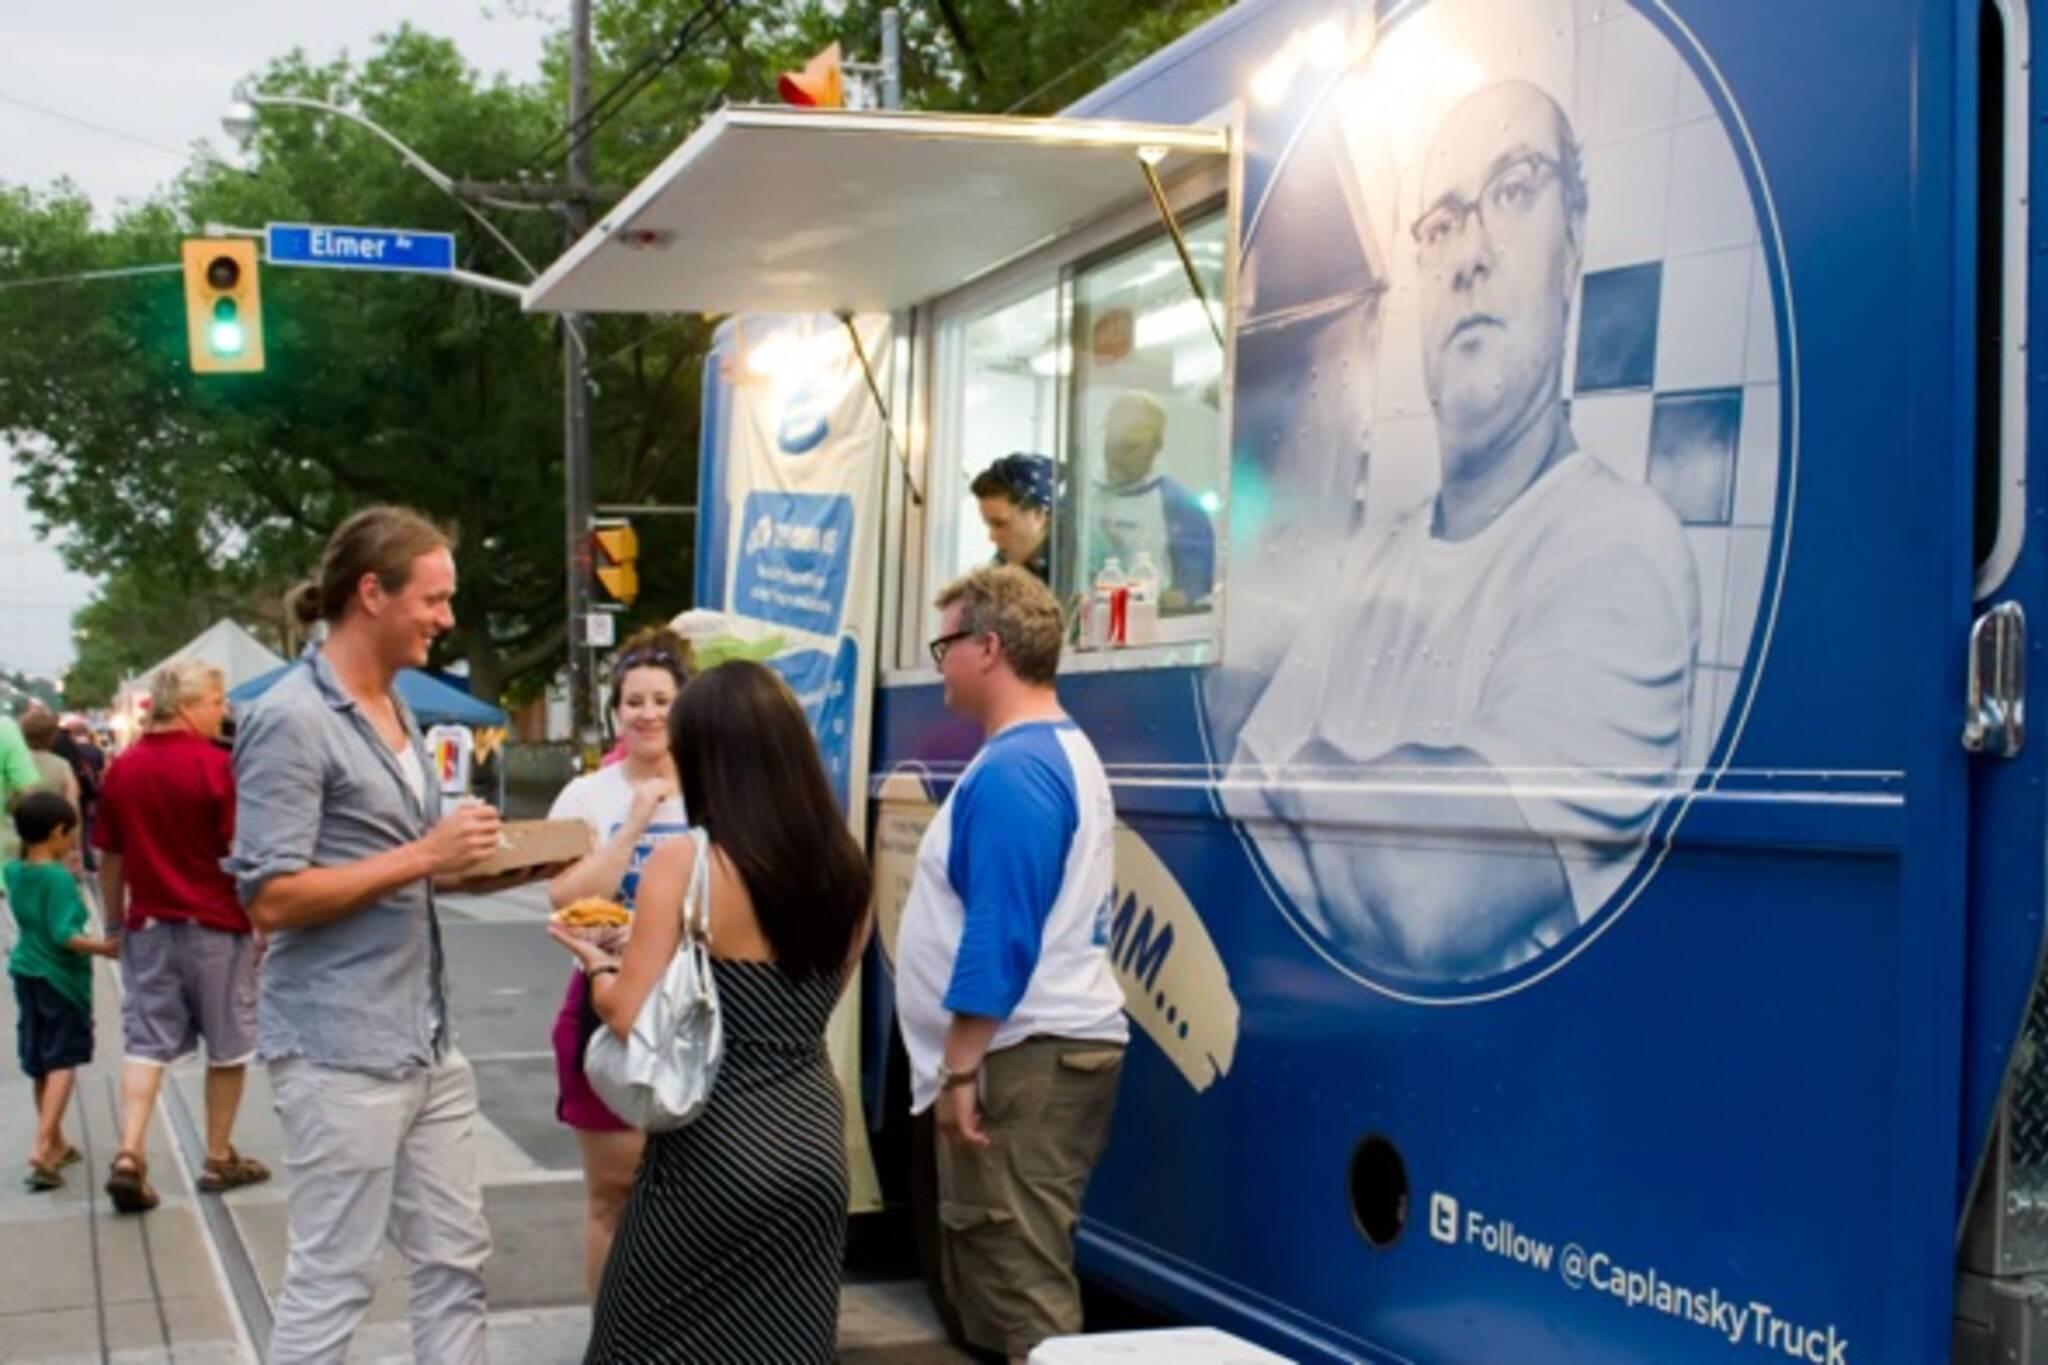 Caplanskys Food Truck